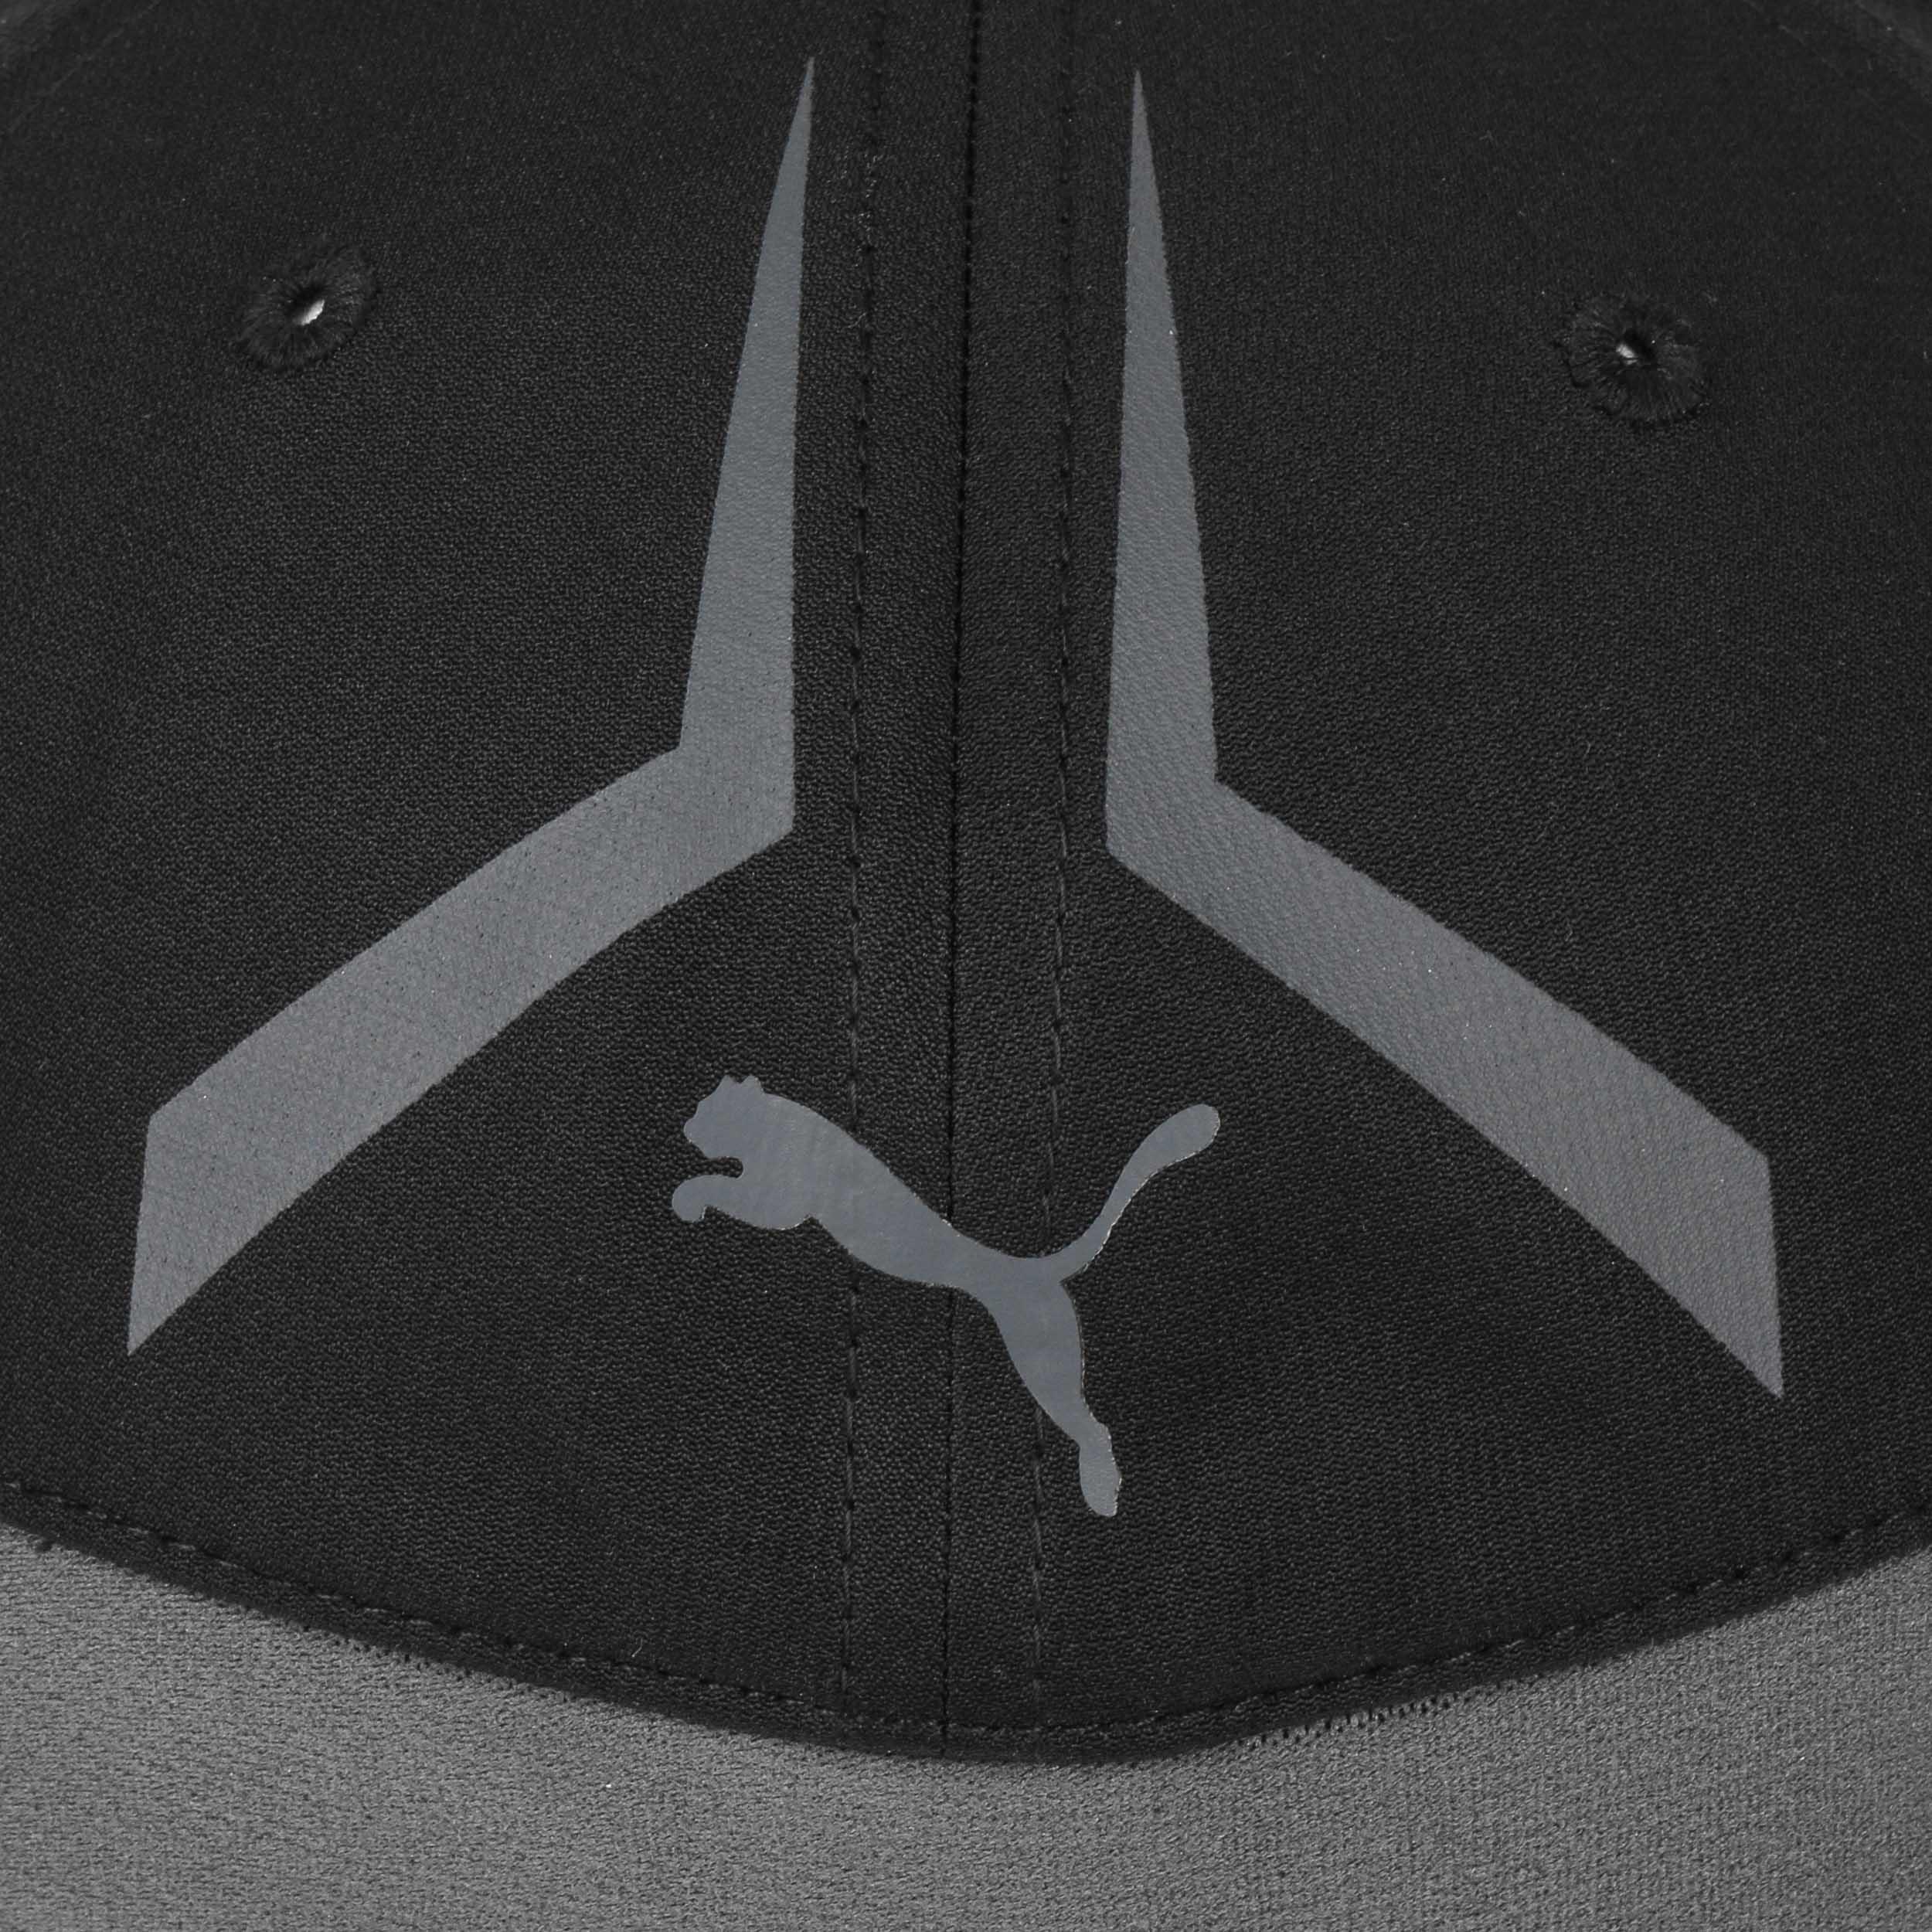 Mercedes amg petronas cap puma eur hats caps jpg 2500x2500 Puma mercedes  benz caps 9b3621349a2